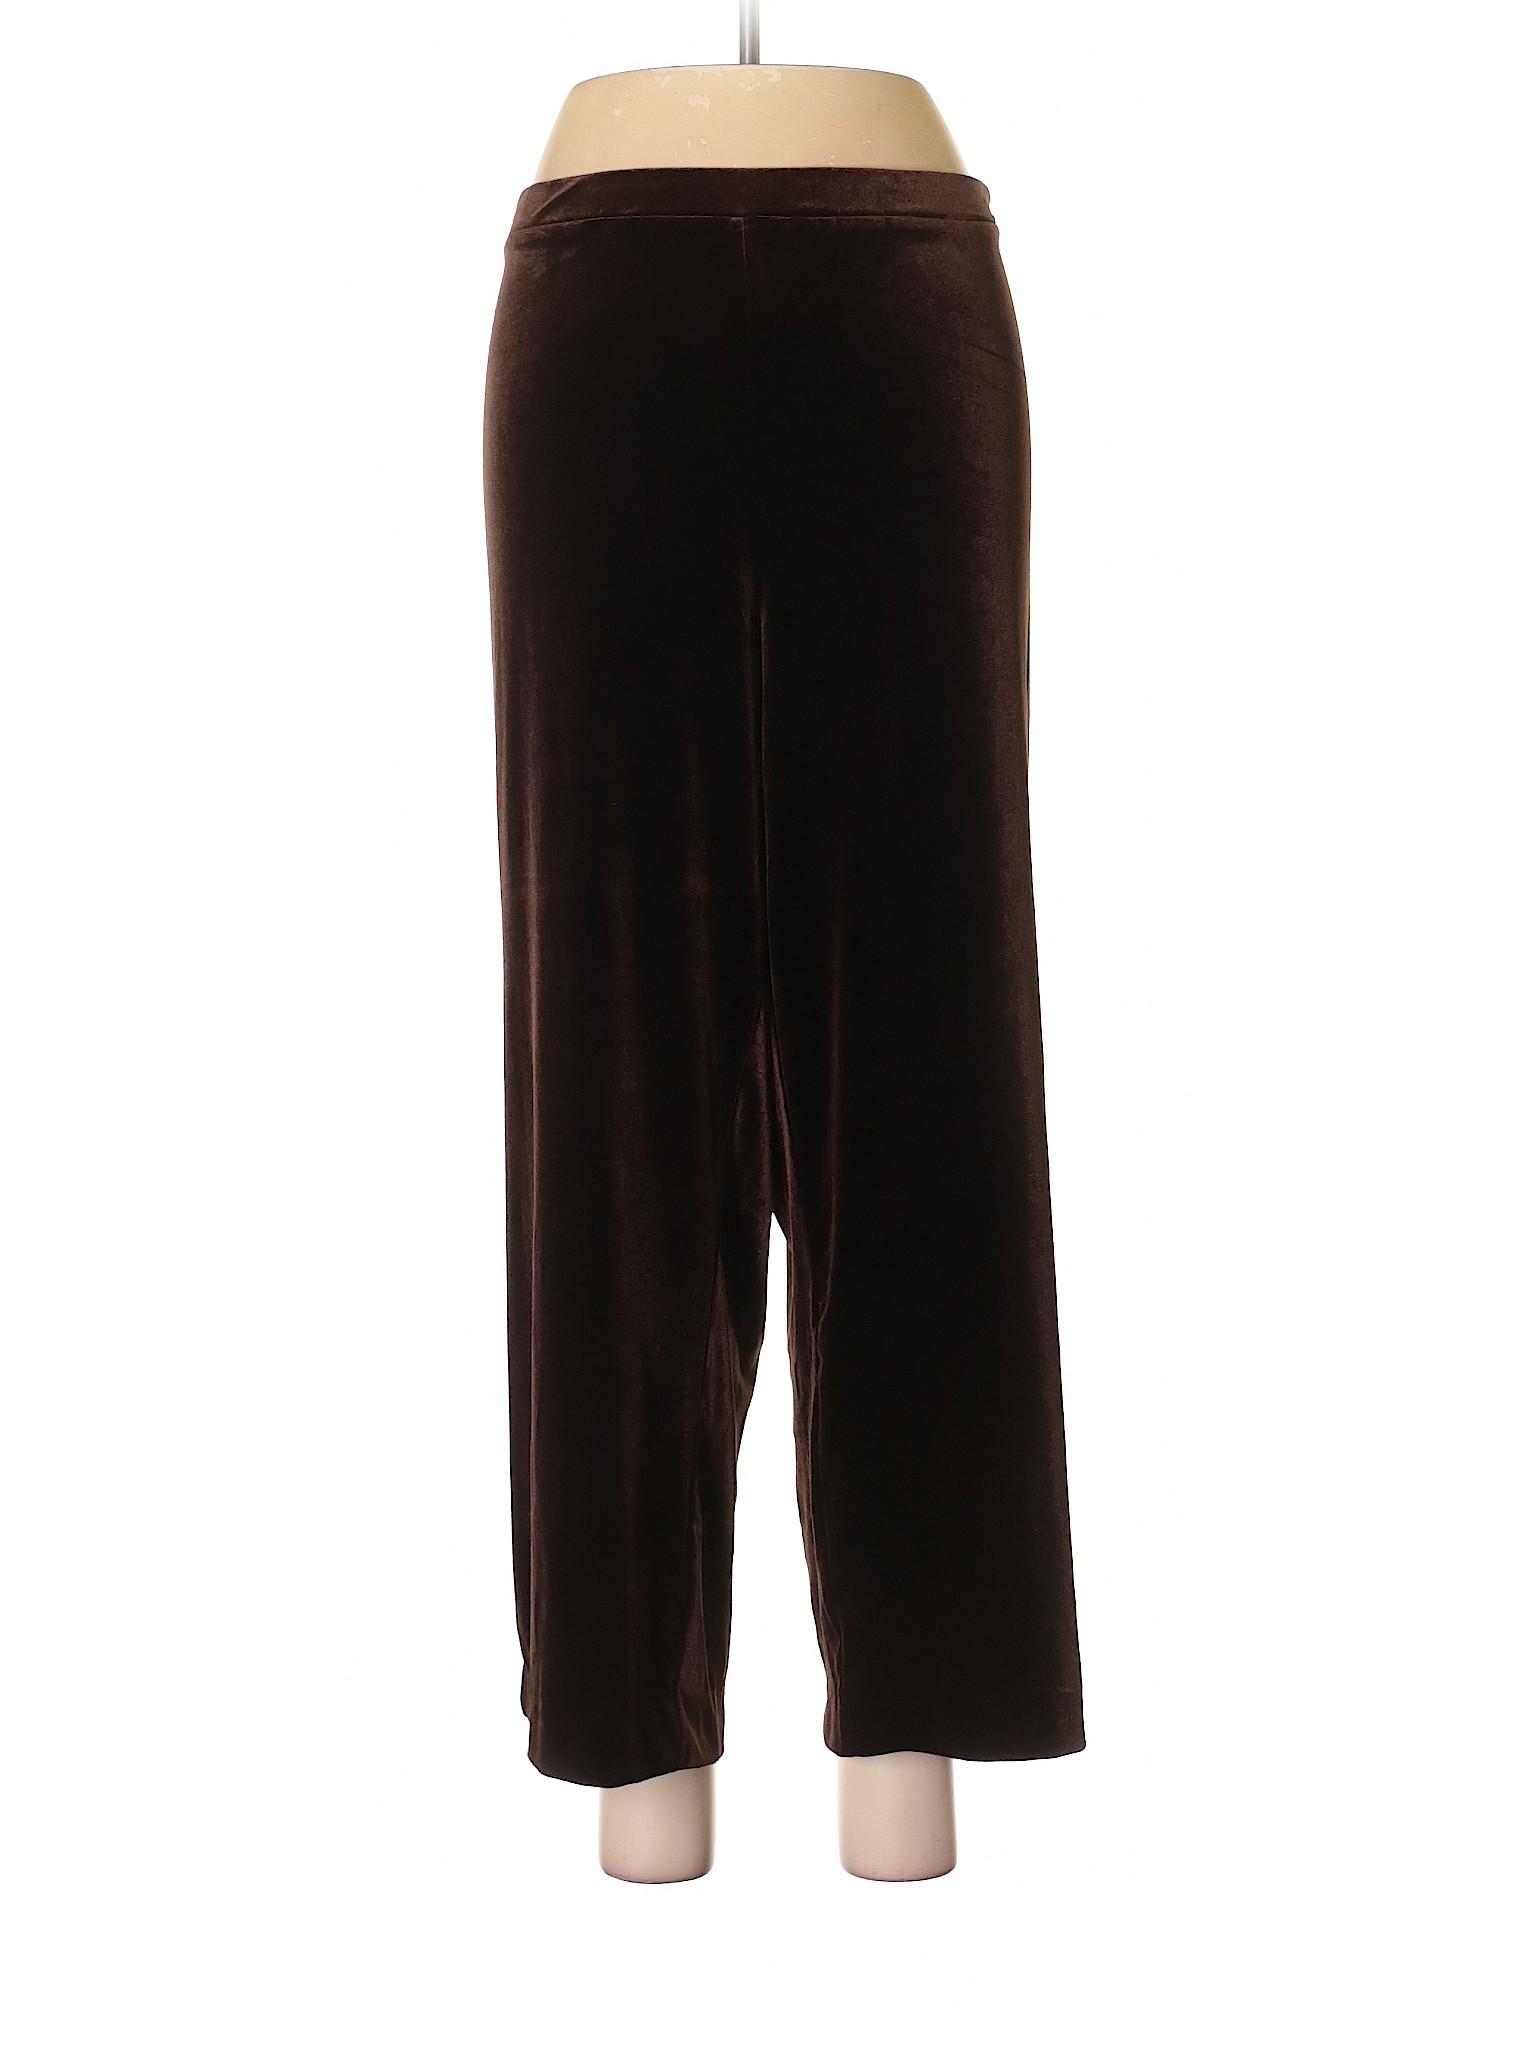 Velour Pants Boutique Impressions winter Boutique Impressions winter XHqRR